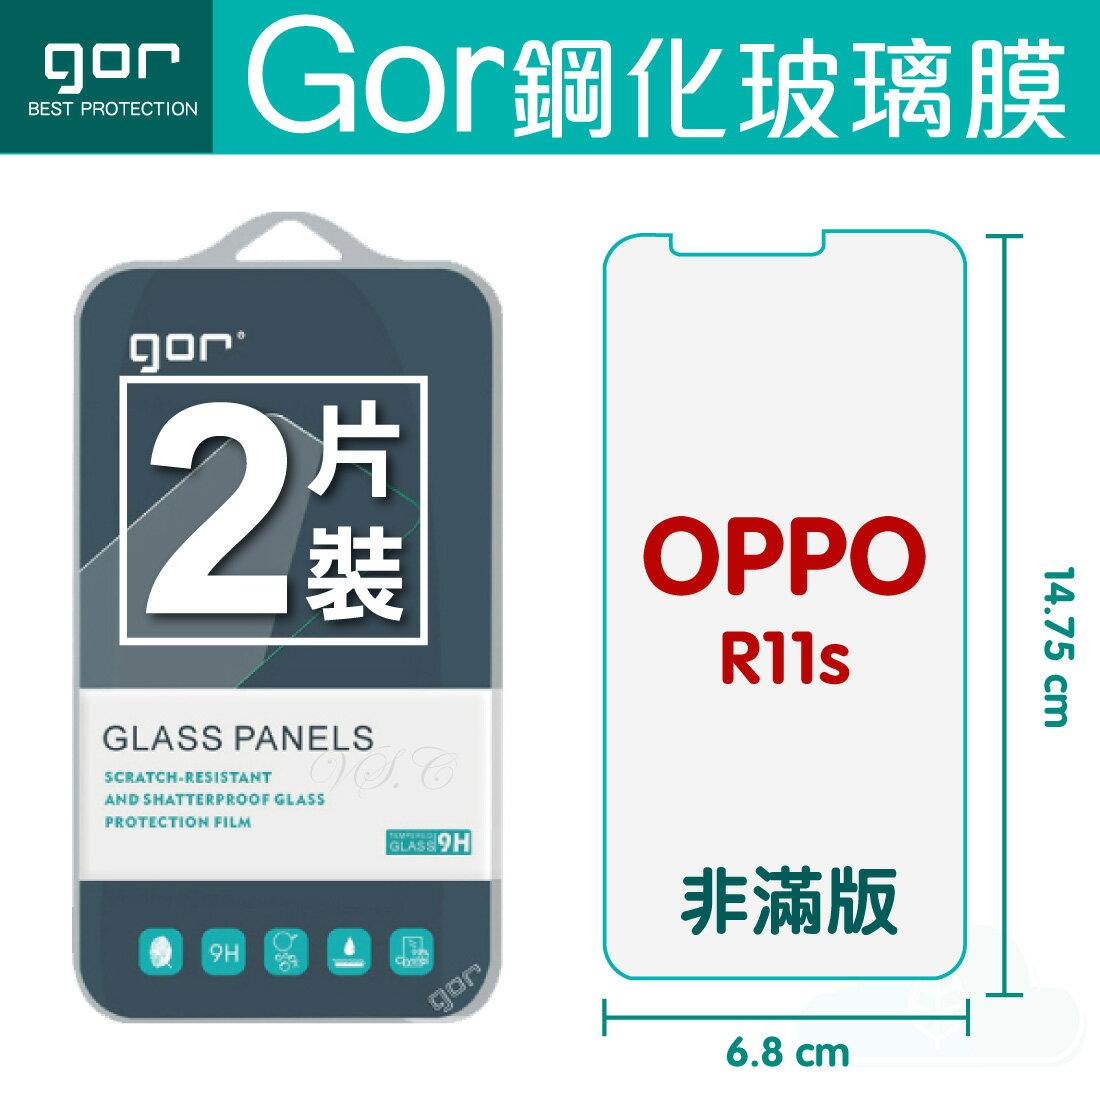 GOR 9H OPPO R11s 鋼化 玻璃保護貼 手機 螢幕 保護貼 膜 全透明 非滿版 2片裝 299免運